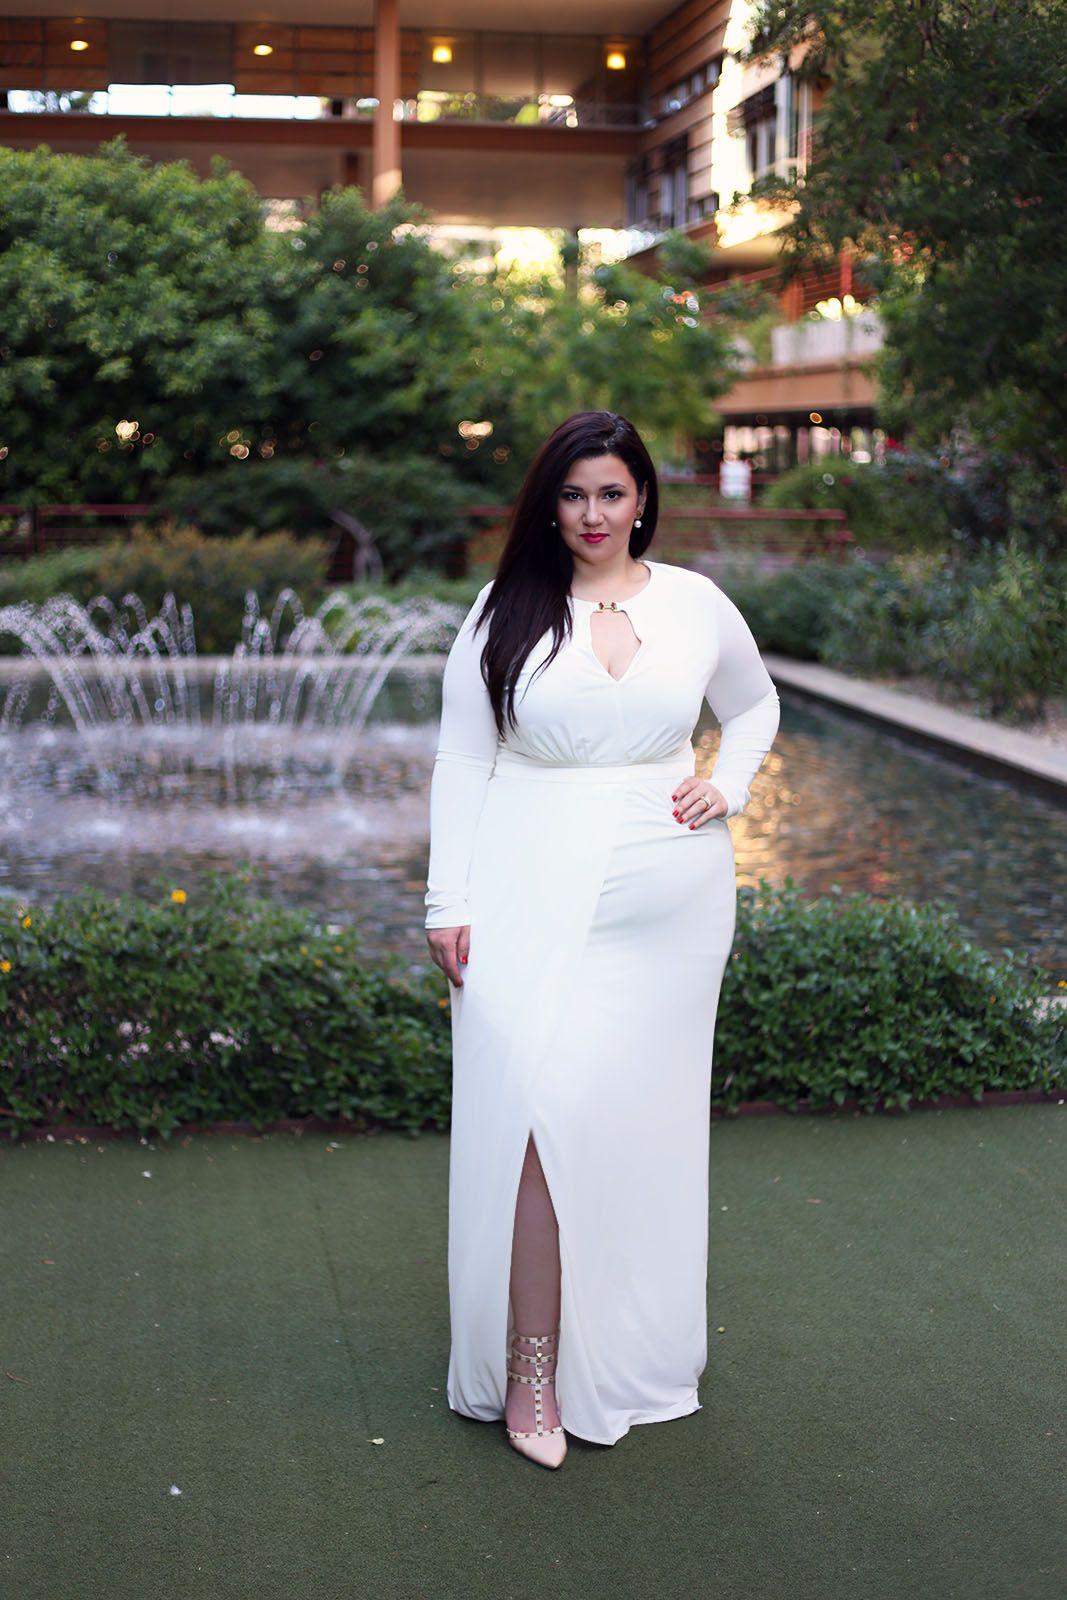 Plus size glam wedding dresses white long maxi dress glam wedding